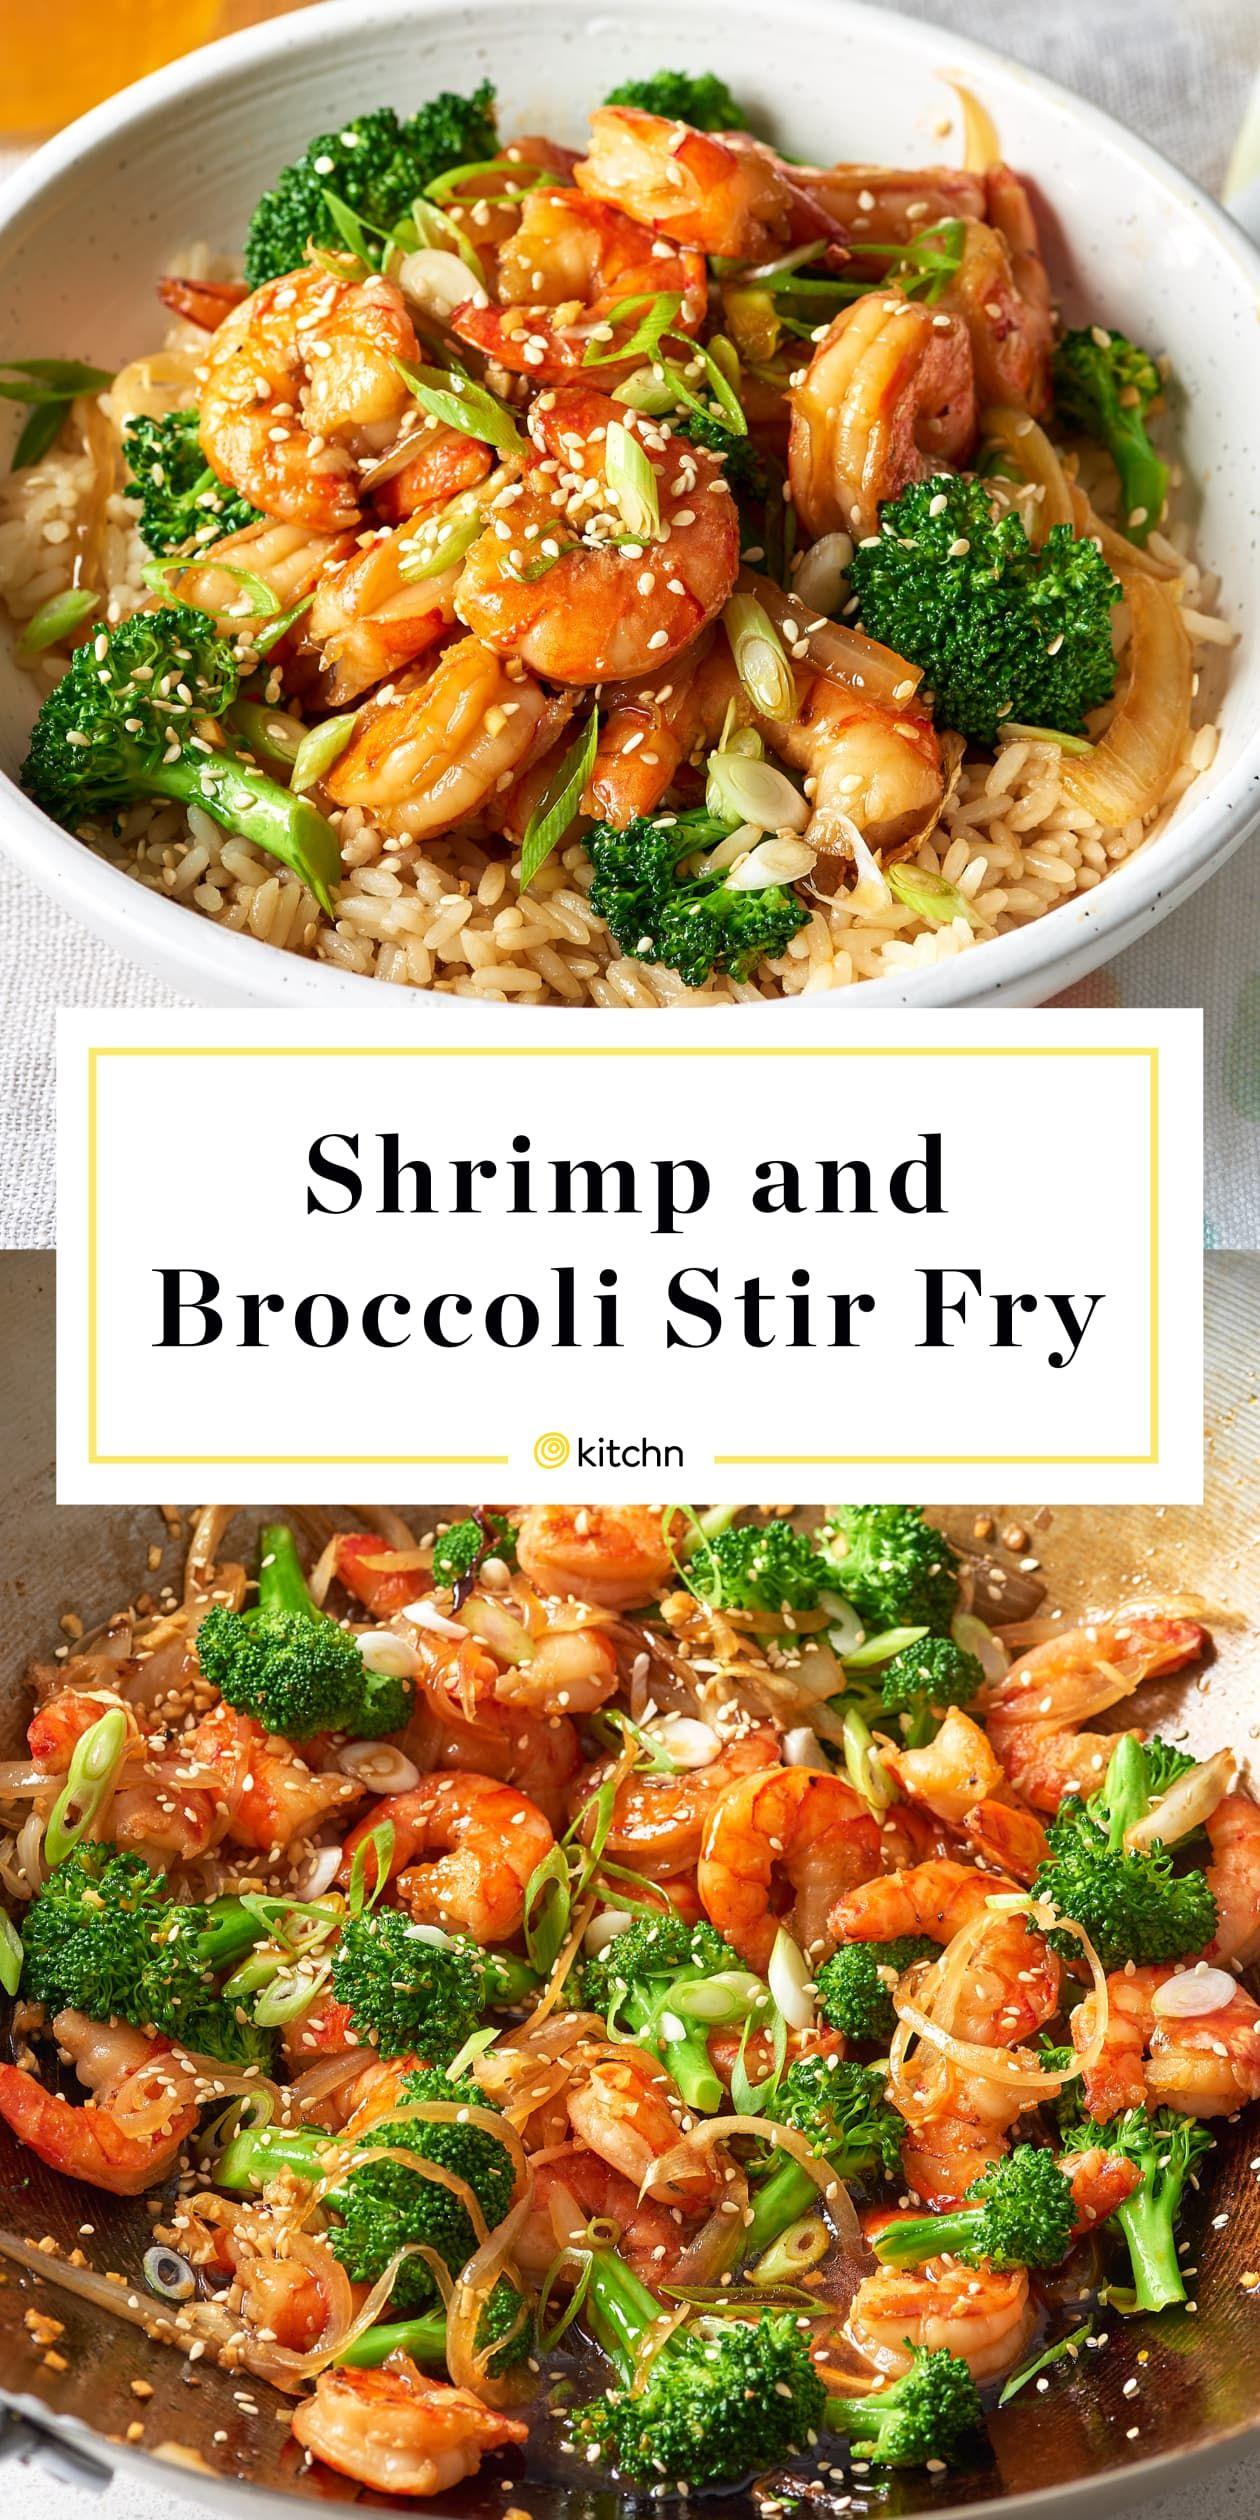 Recipe: Easy Shrimp and Broccoli Stir-Fry